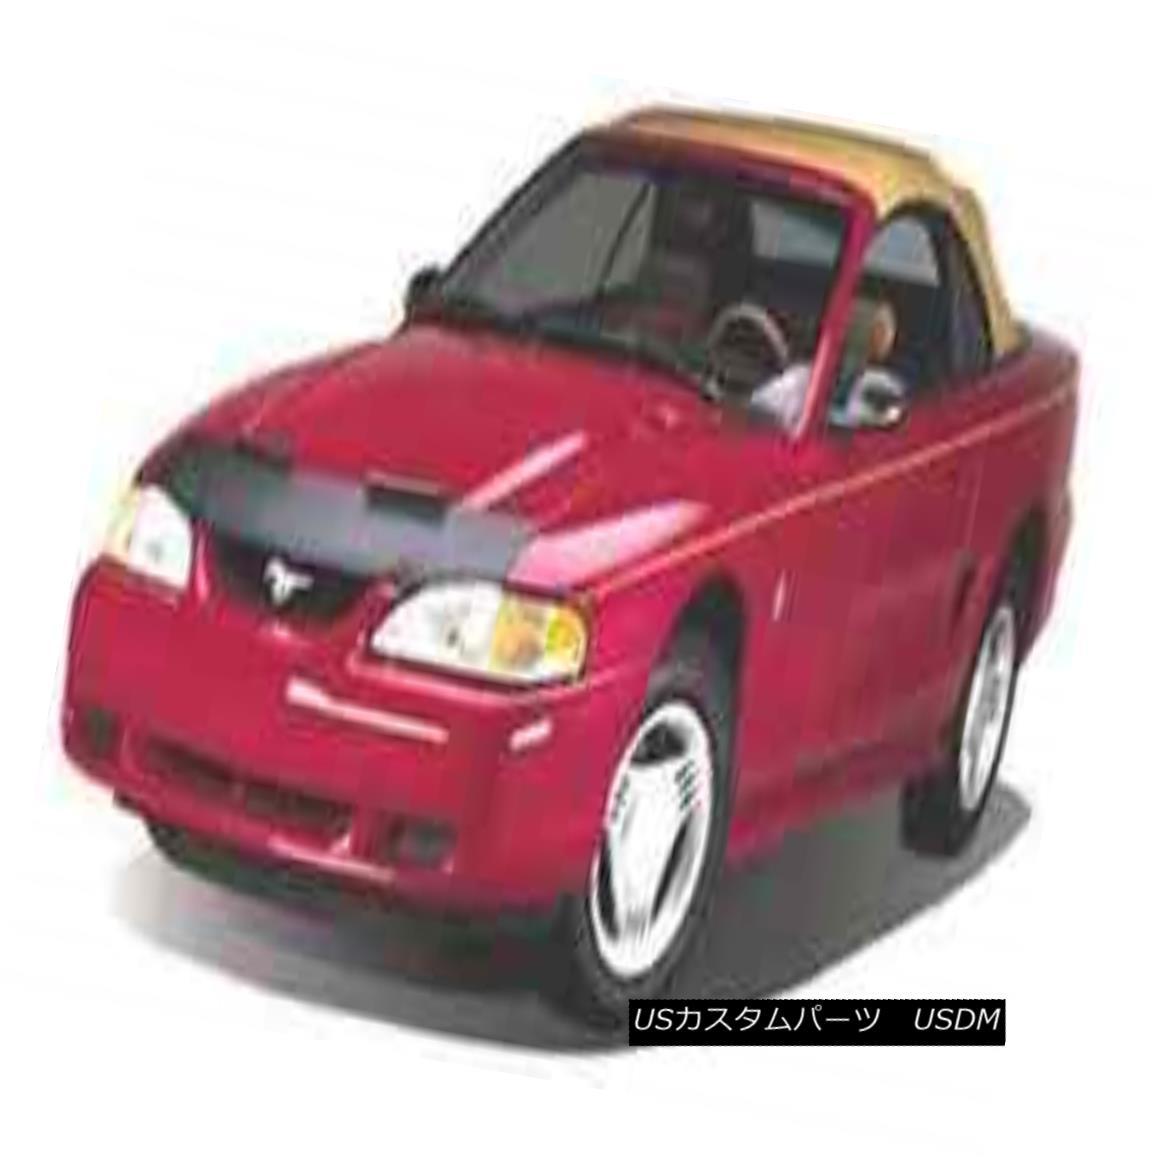 フルブラ ノーズブラ Mini Mask Bra Hood cover Fits Pontiac Bonneville SE 2000 2001 00 01 ミニマスクブラジャーフードカバーフィットポンティアックボンネビルSE 2000 2001 00 01